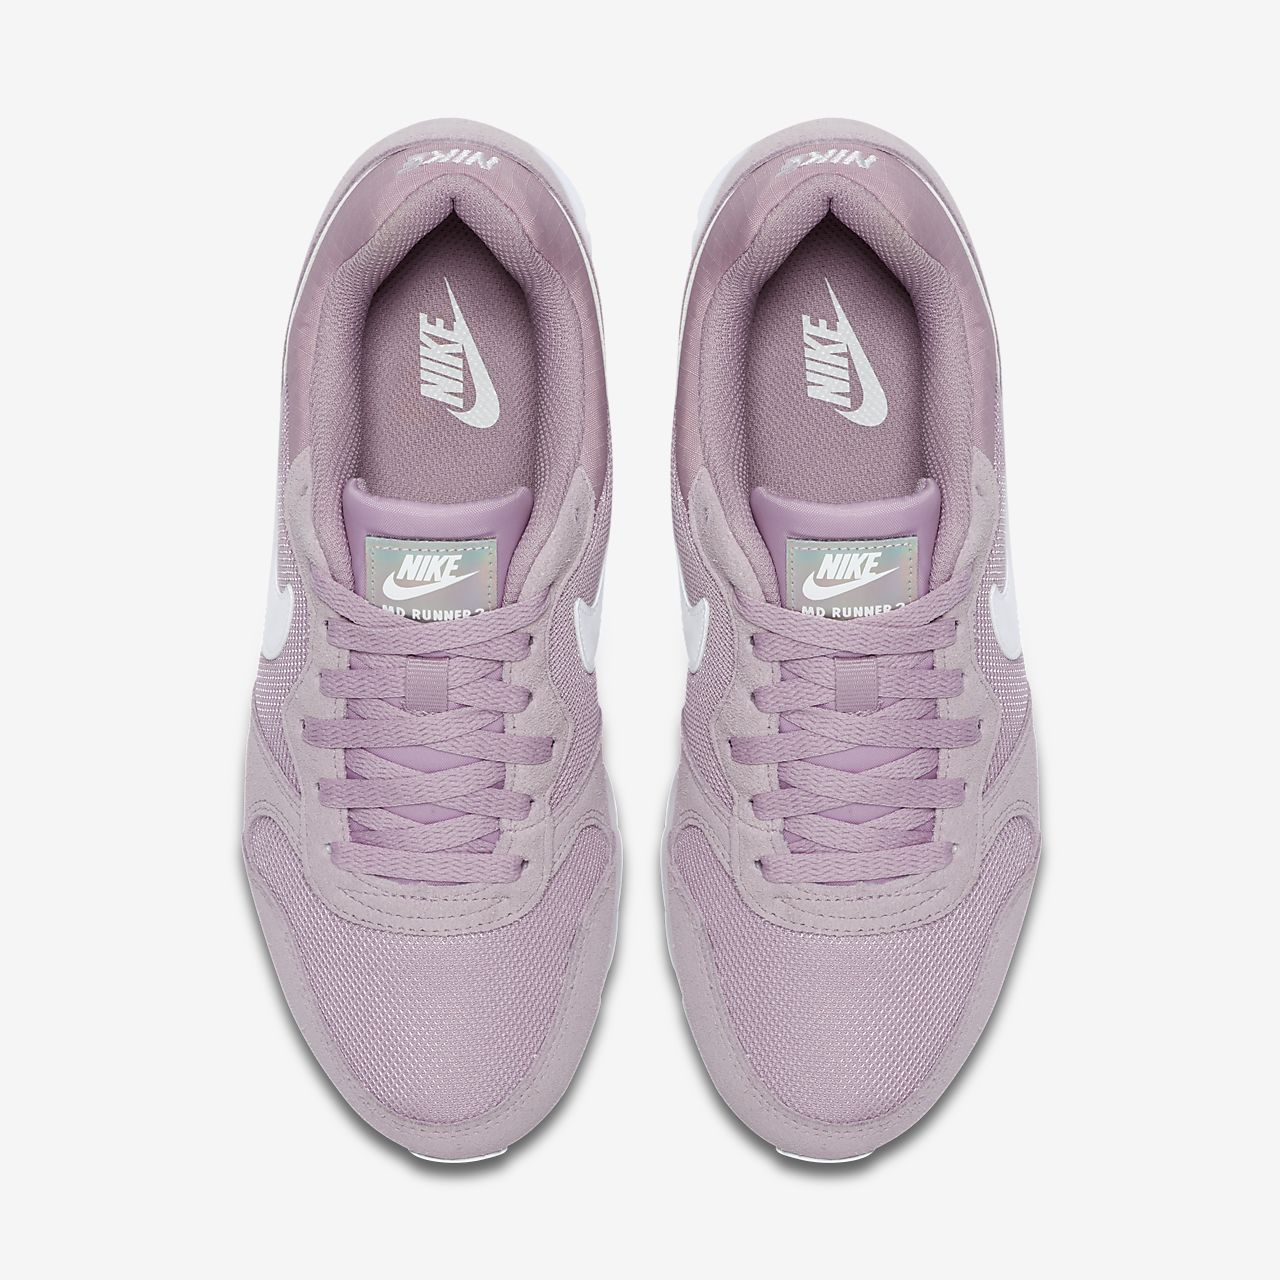 NIKE MD RUNNER 2 Sneaker Schuhe Damen 749869 500 Rosa EUR